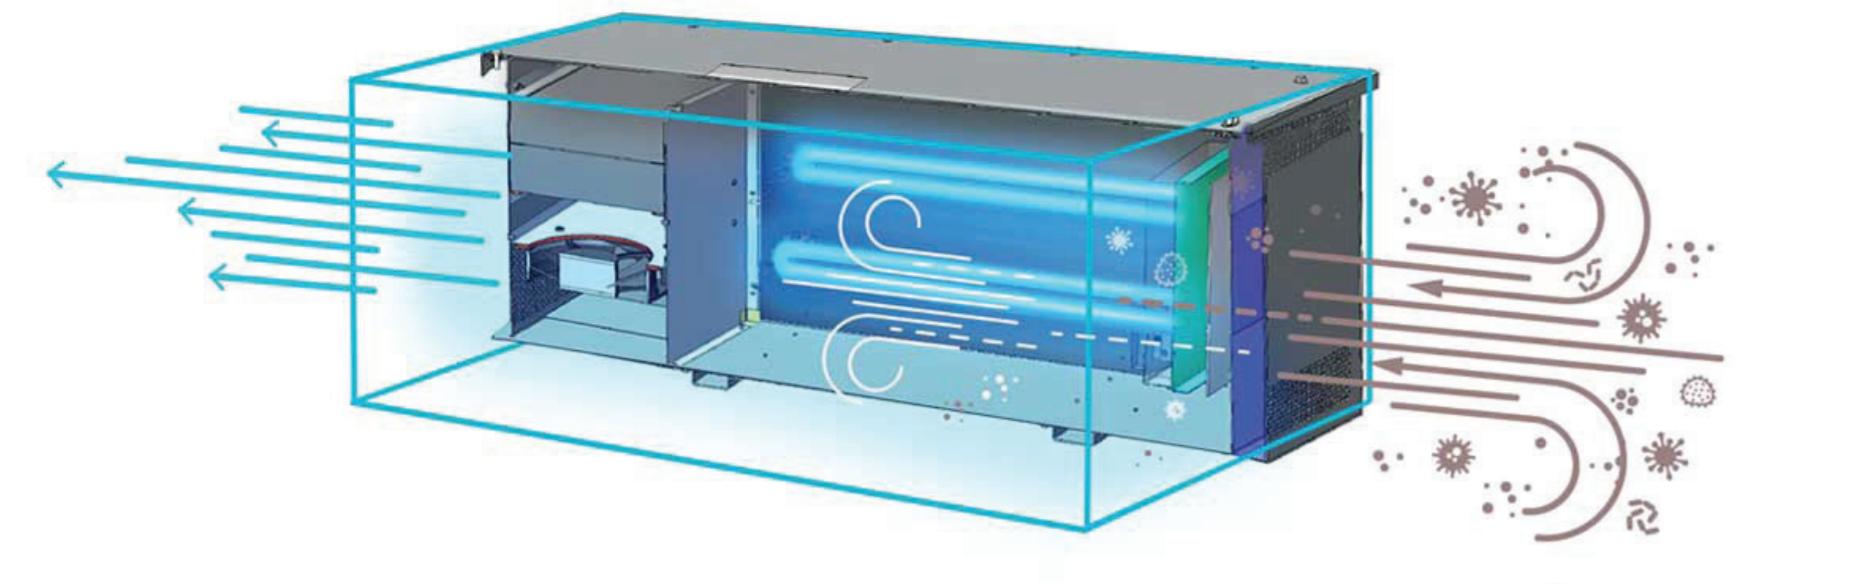 bluezone diagram